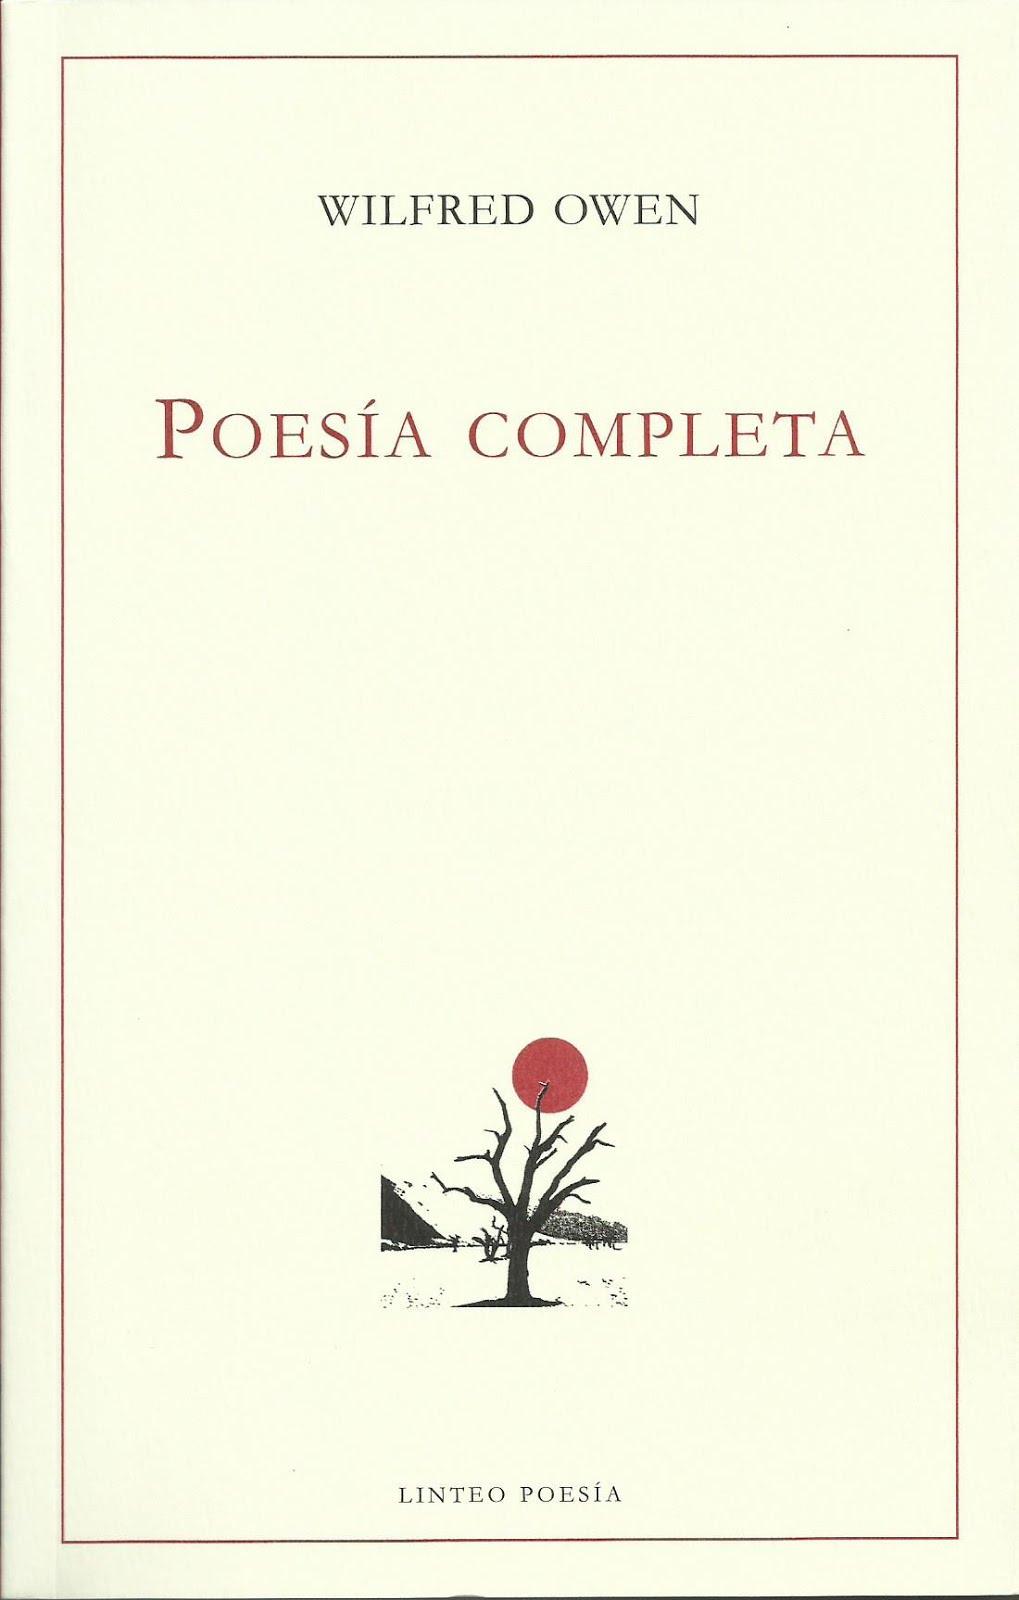 Wilfred Owen: Poesía Completa (Traducción)